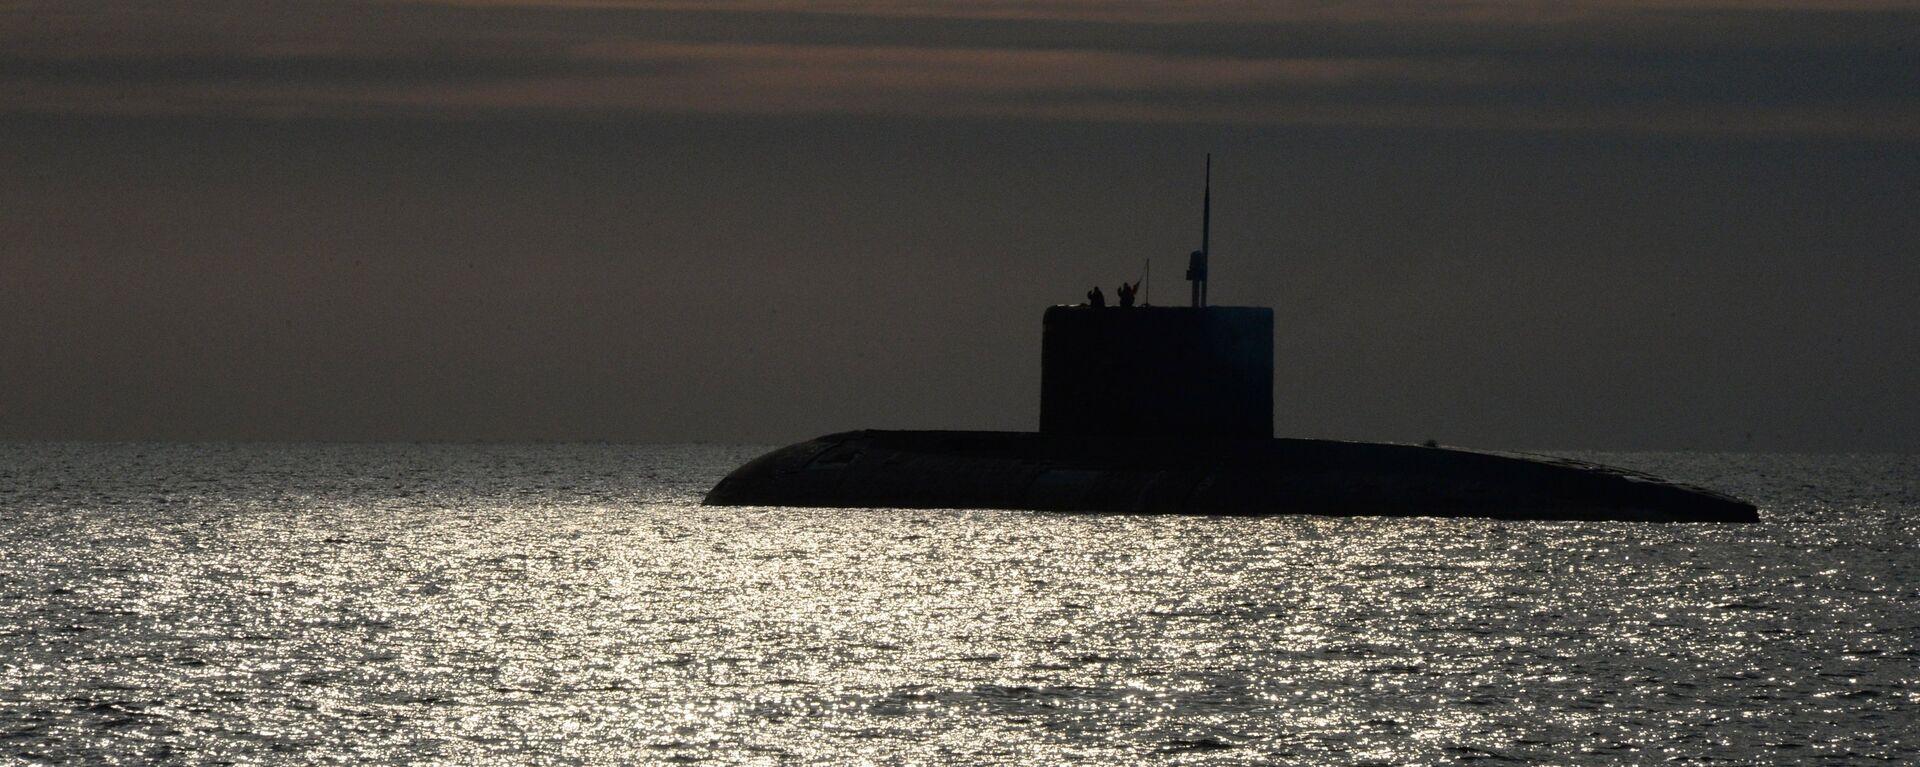 El submarino ruso de la clase Varshavianka - Sputnik Mundo, 1920, 15.02.2021